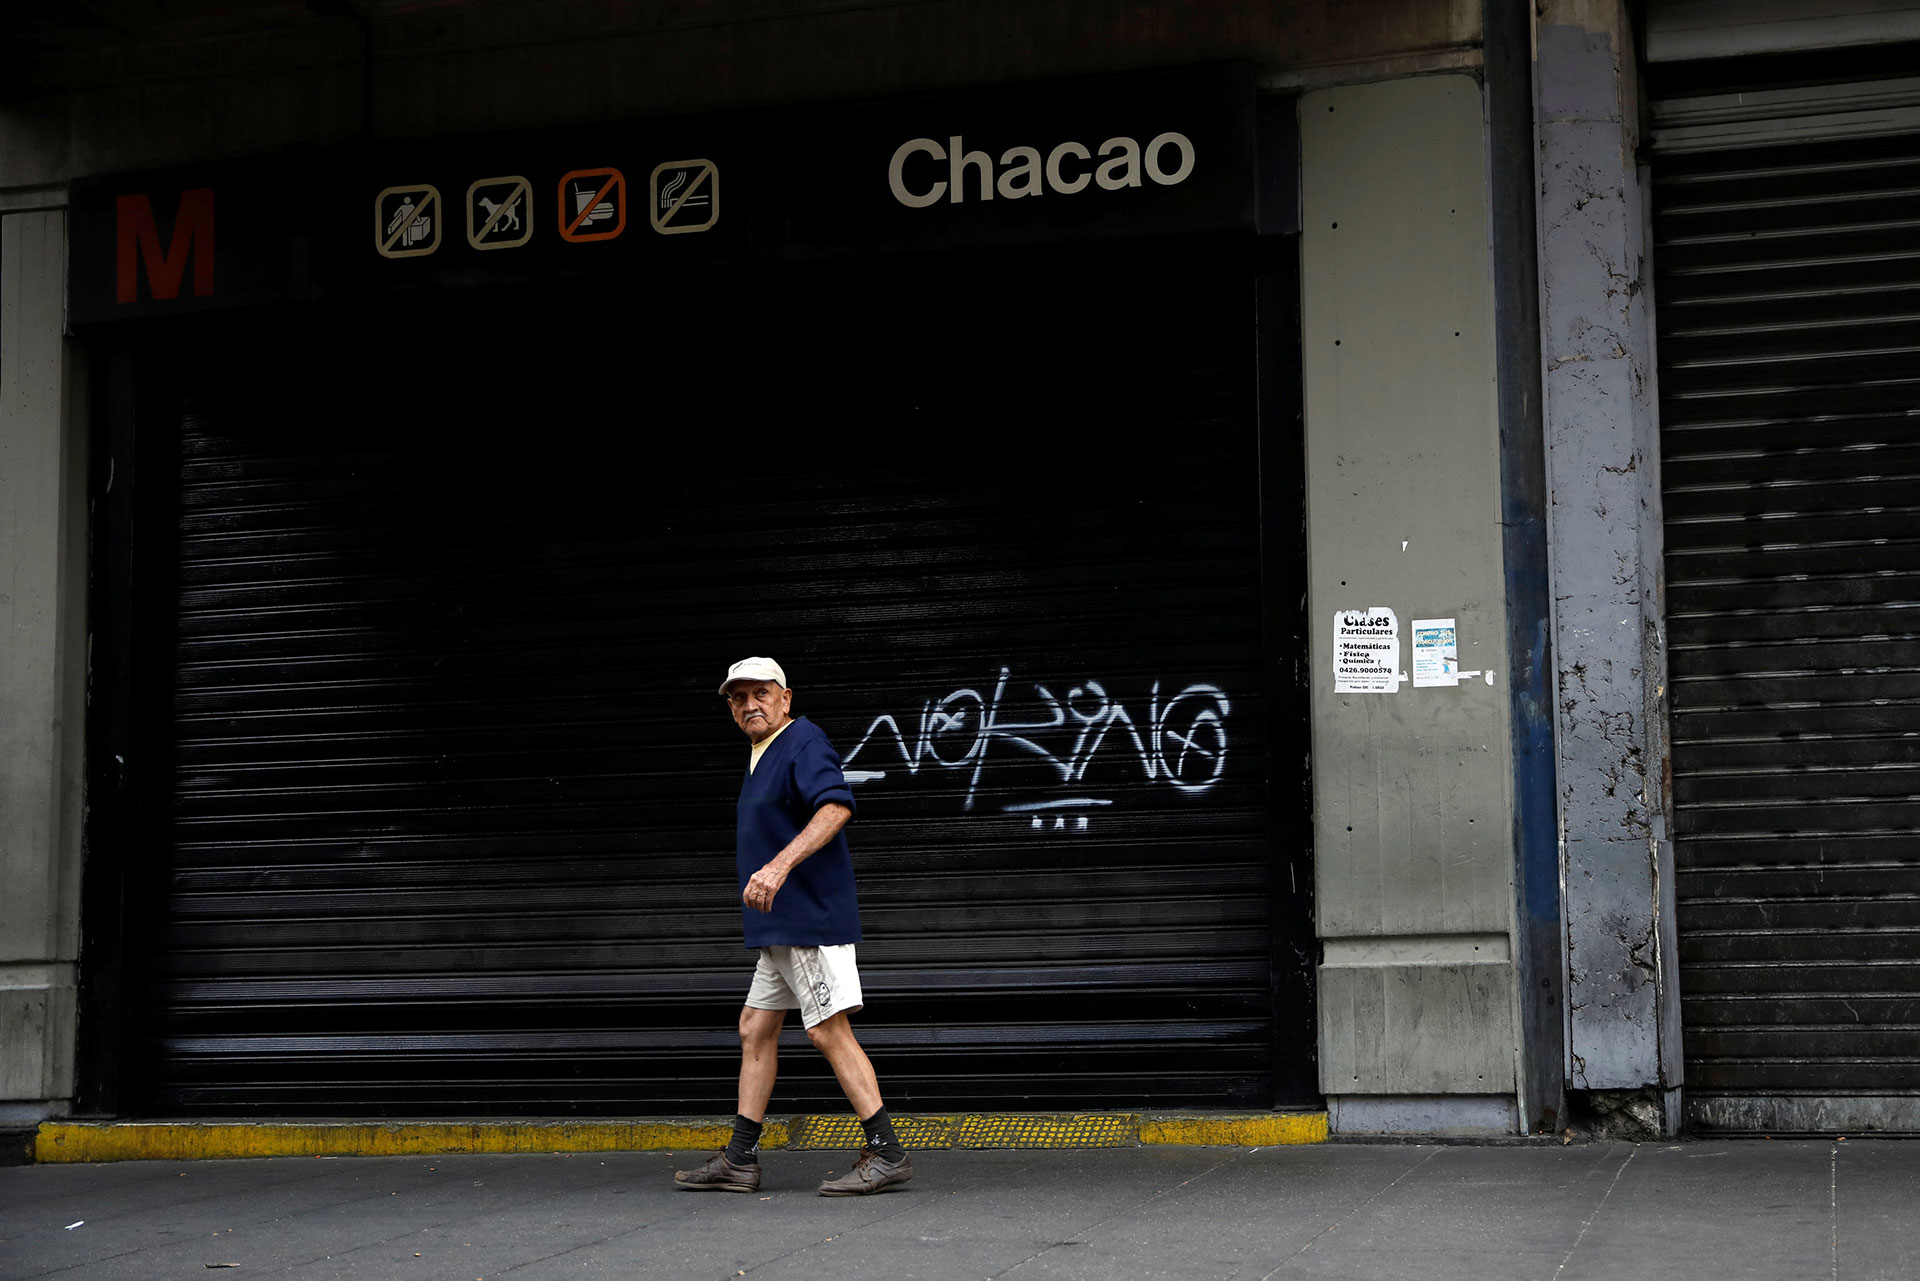 La línea de metro permanecieron cerradas el martes por el apagón masivo (Reuters)